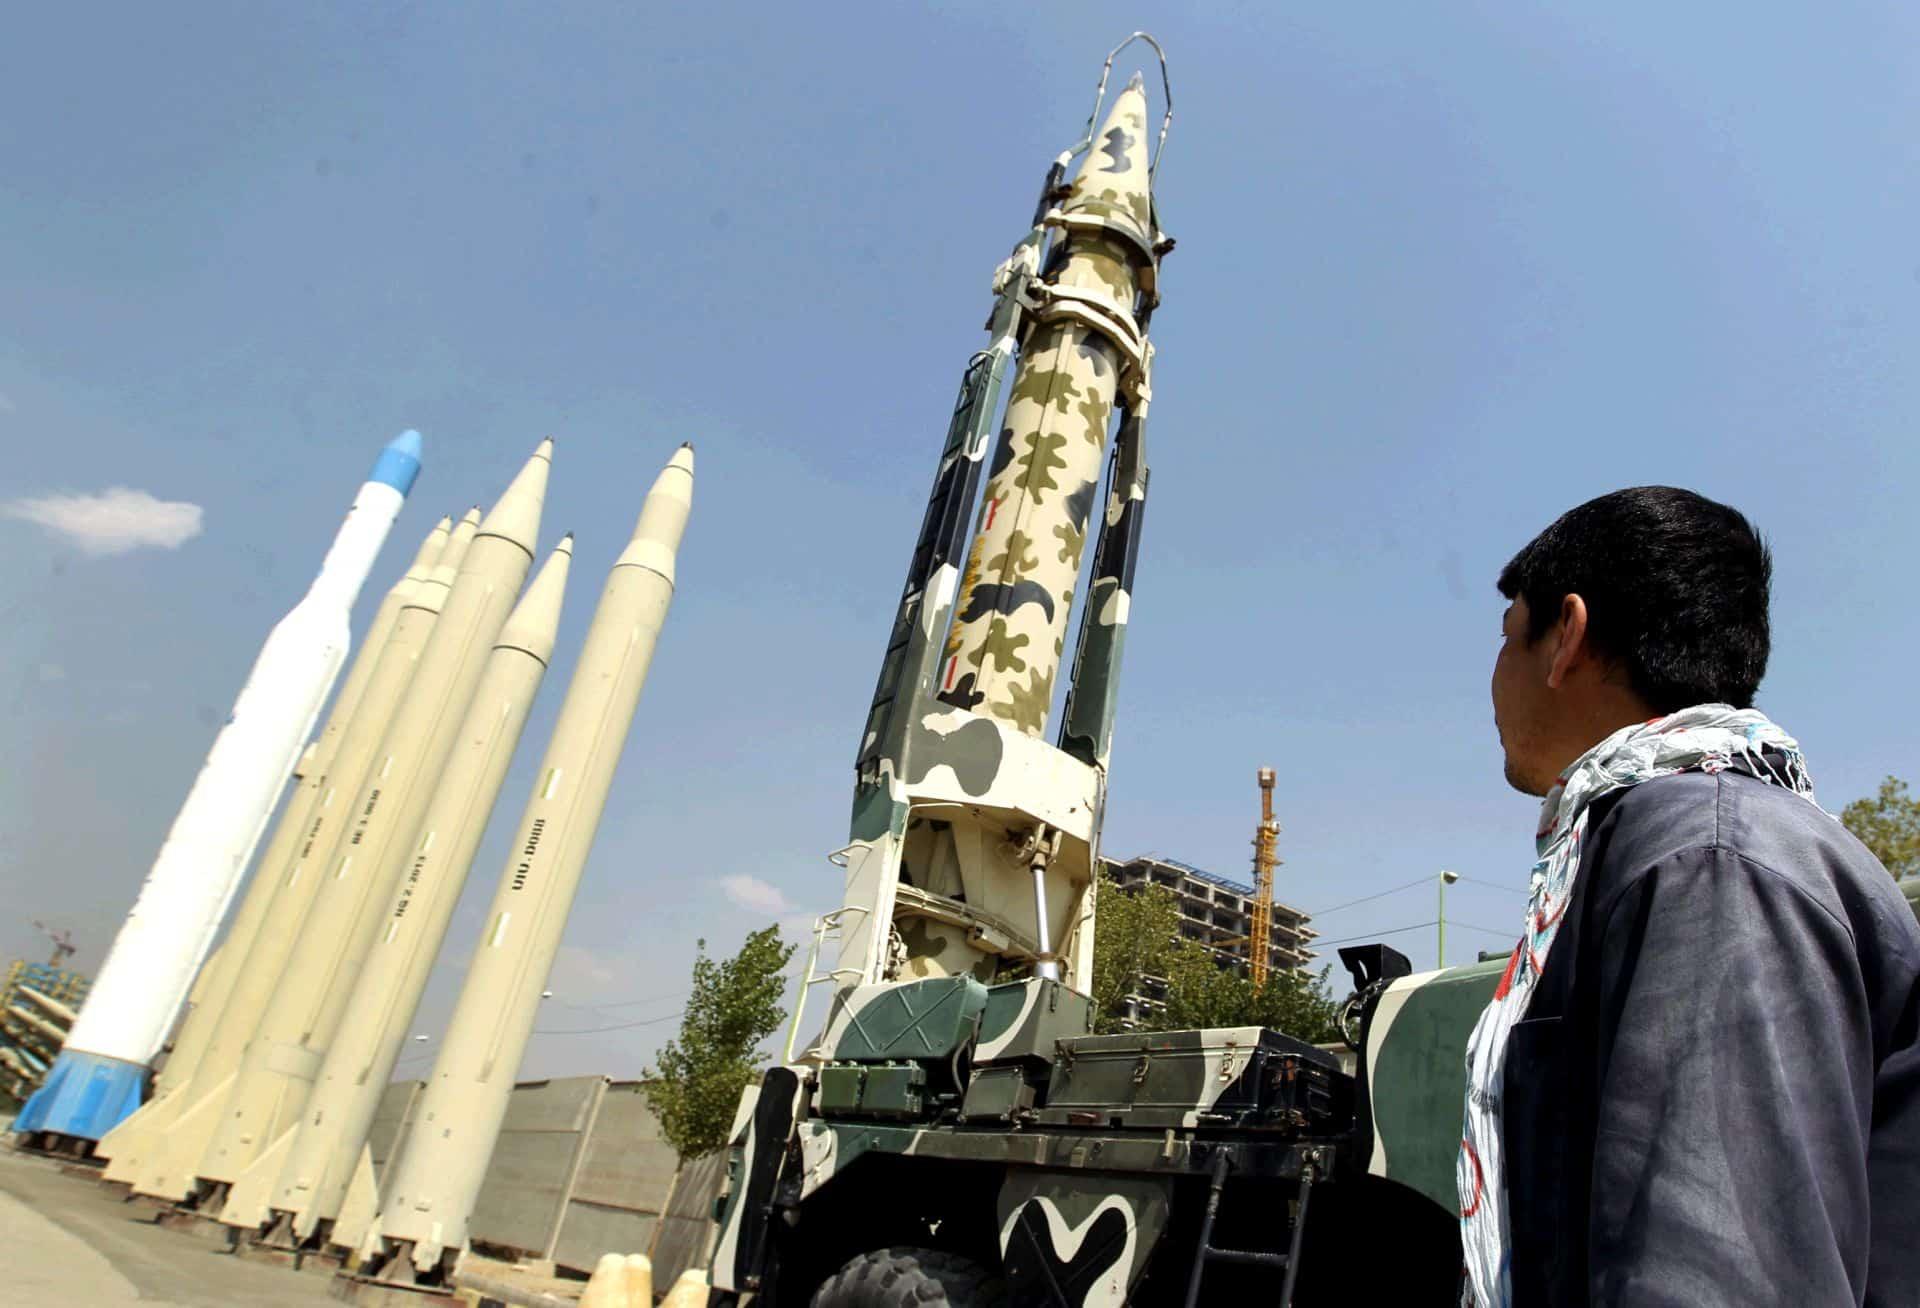 伊朗拒绝与欧美谈导弹:导弹项目没有谈判余地